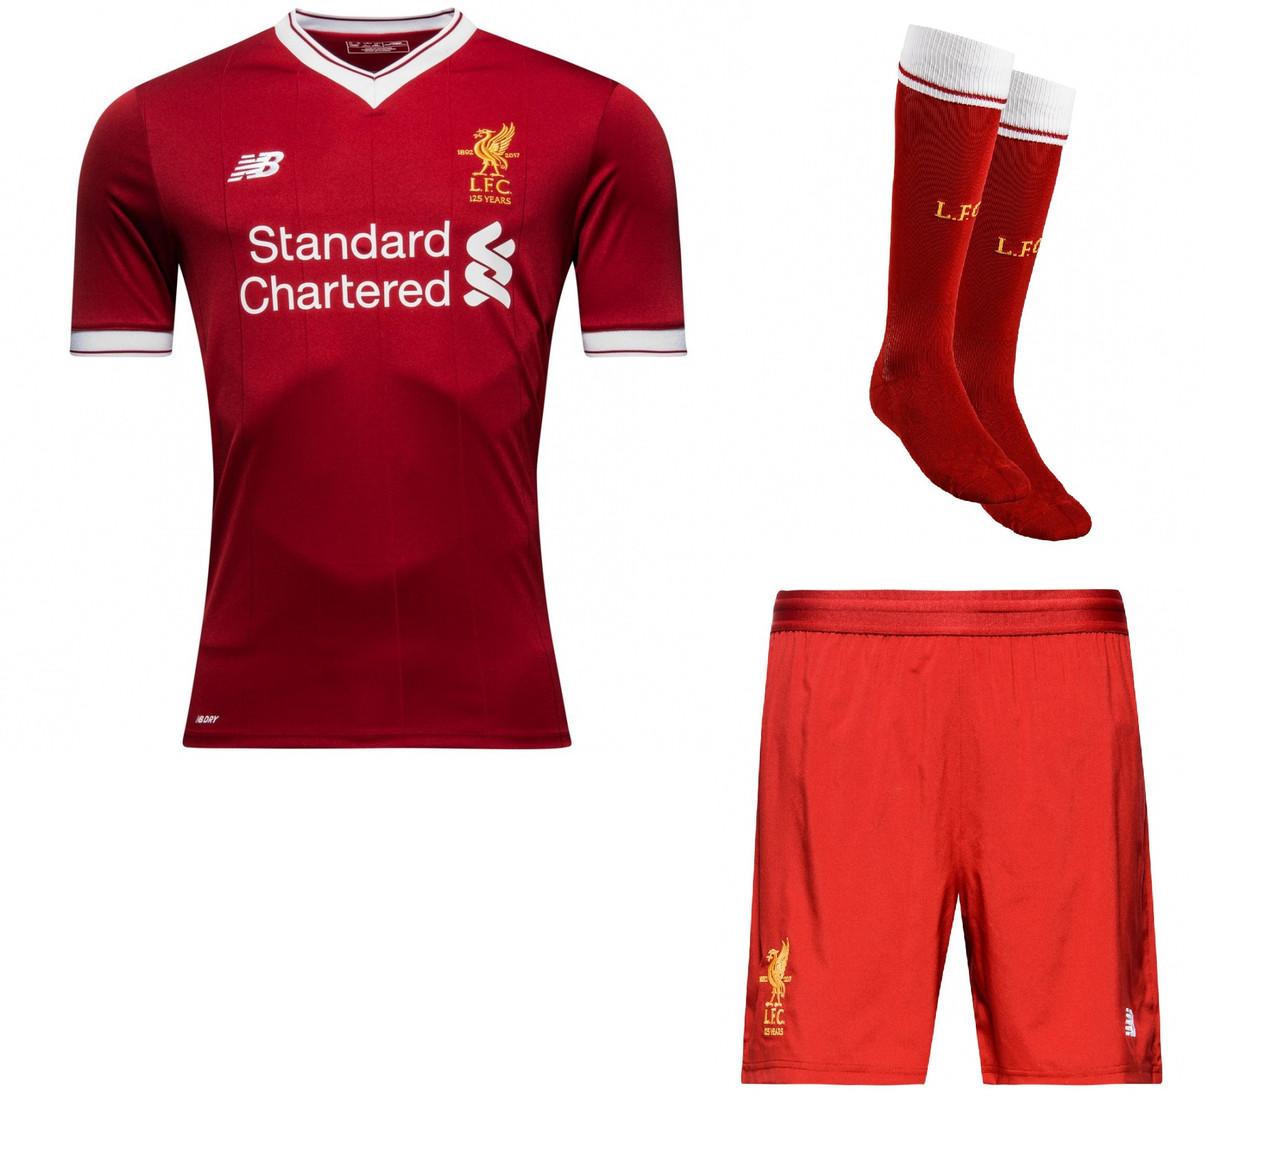 Полный детский комплект Ливерпуля  футбольная форма + гетры + печать номера  имени - Sport 07ace10f6a9